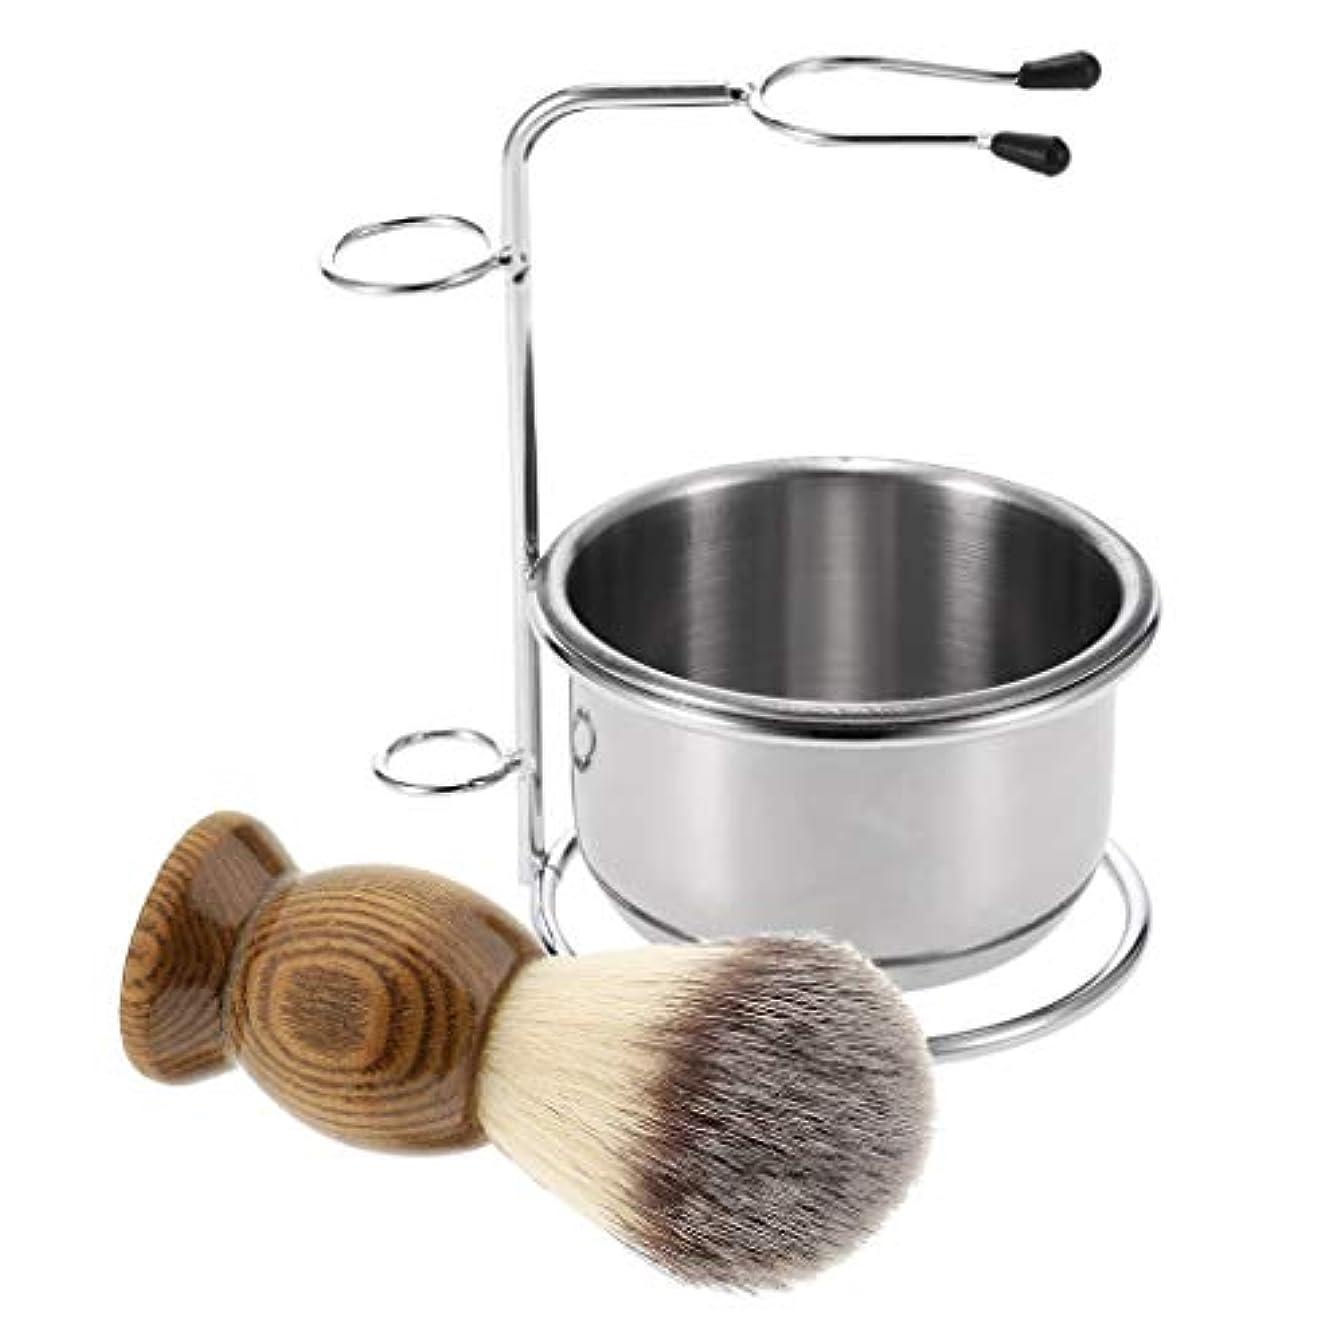 土曜日プレゼント口ひげ3点セット 髭剃り シェービングキット ブラシ+ボウル+ブラシホルダー サロン 美容室